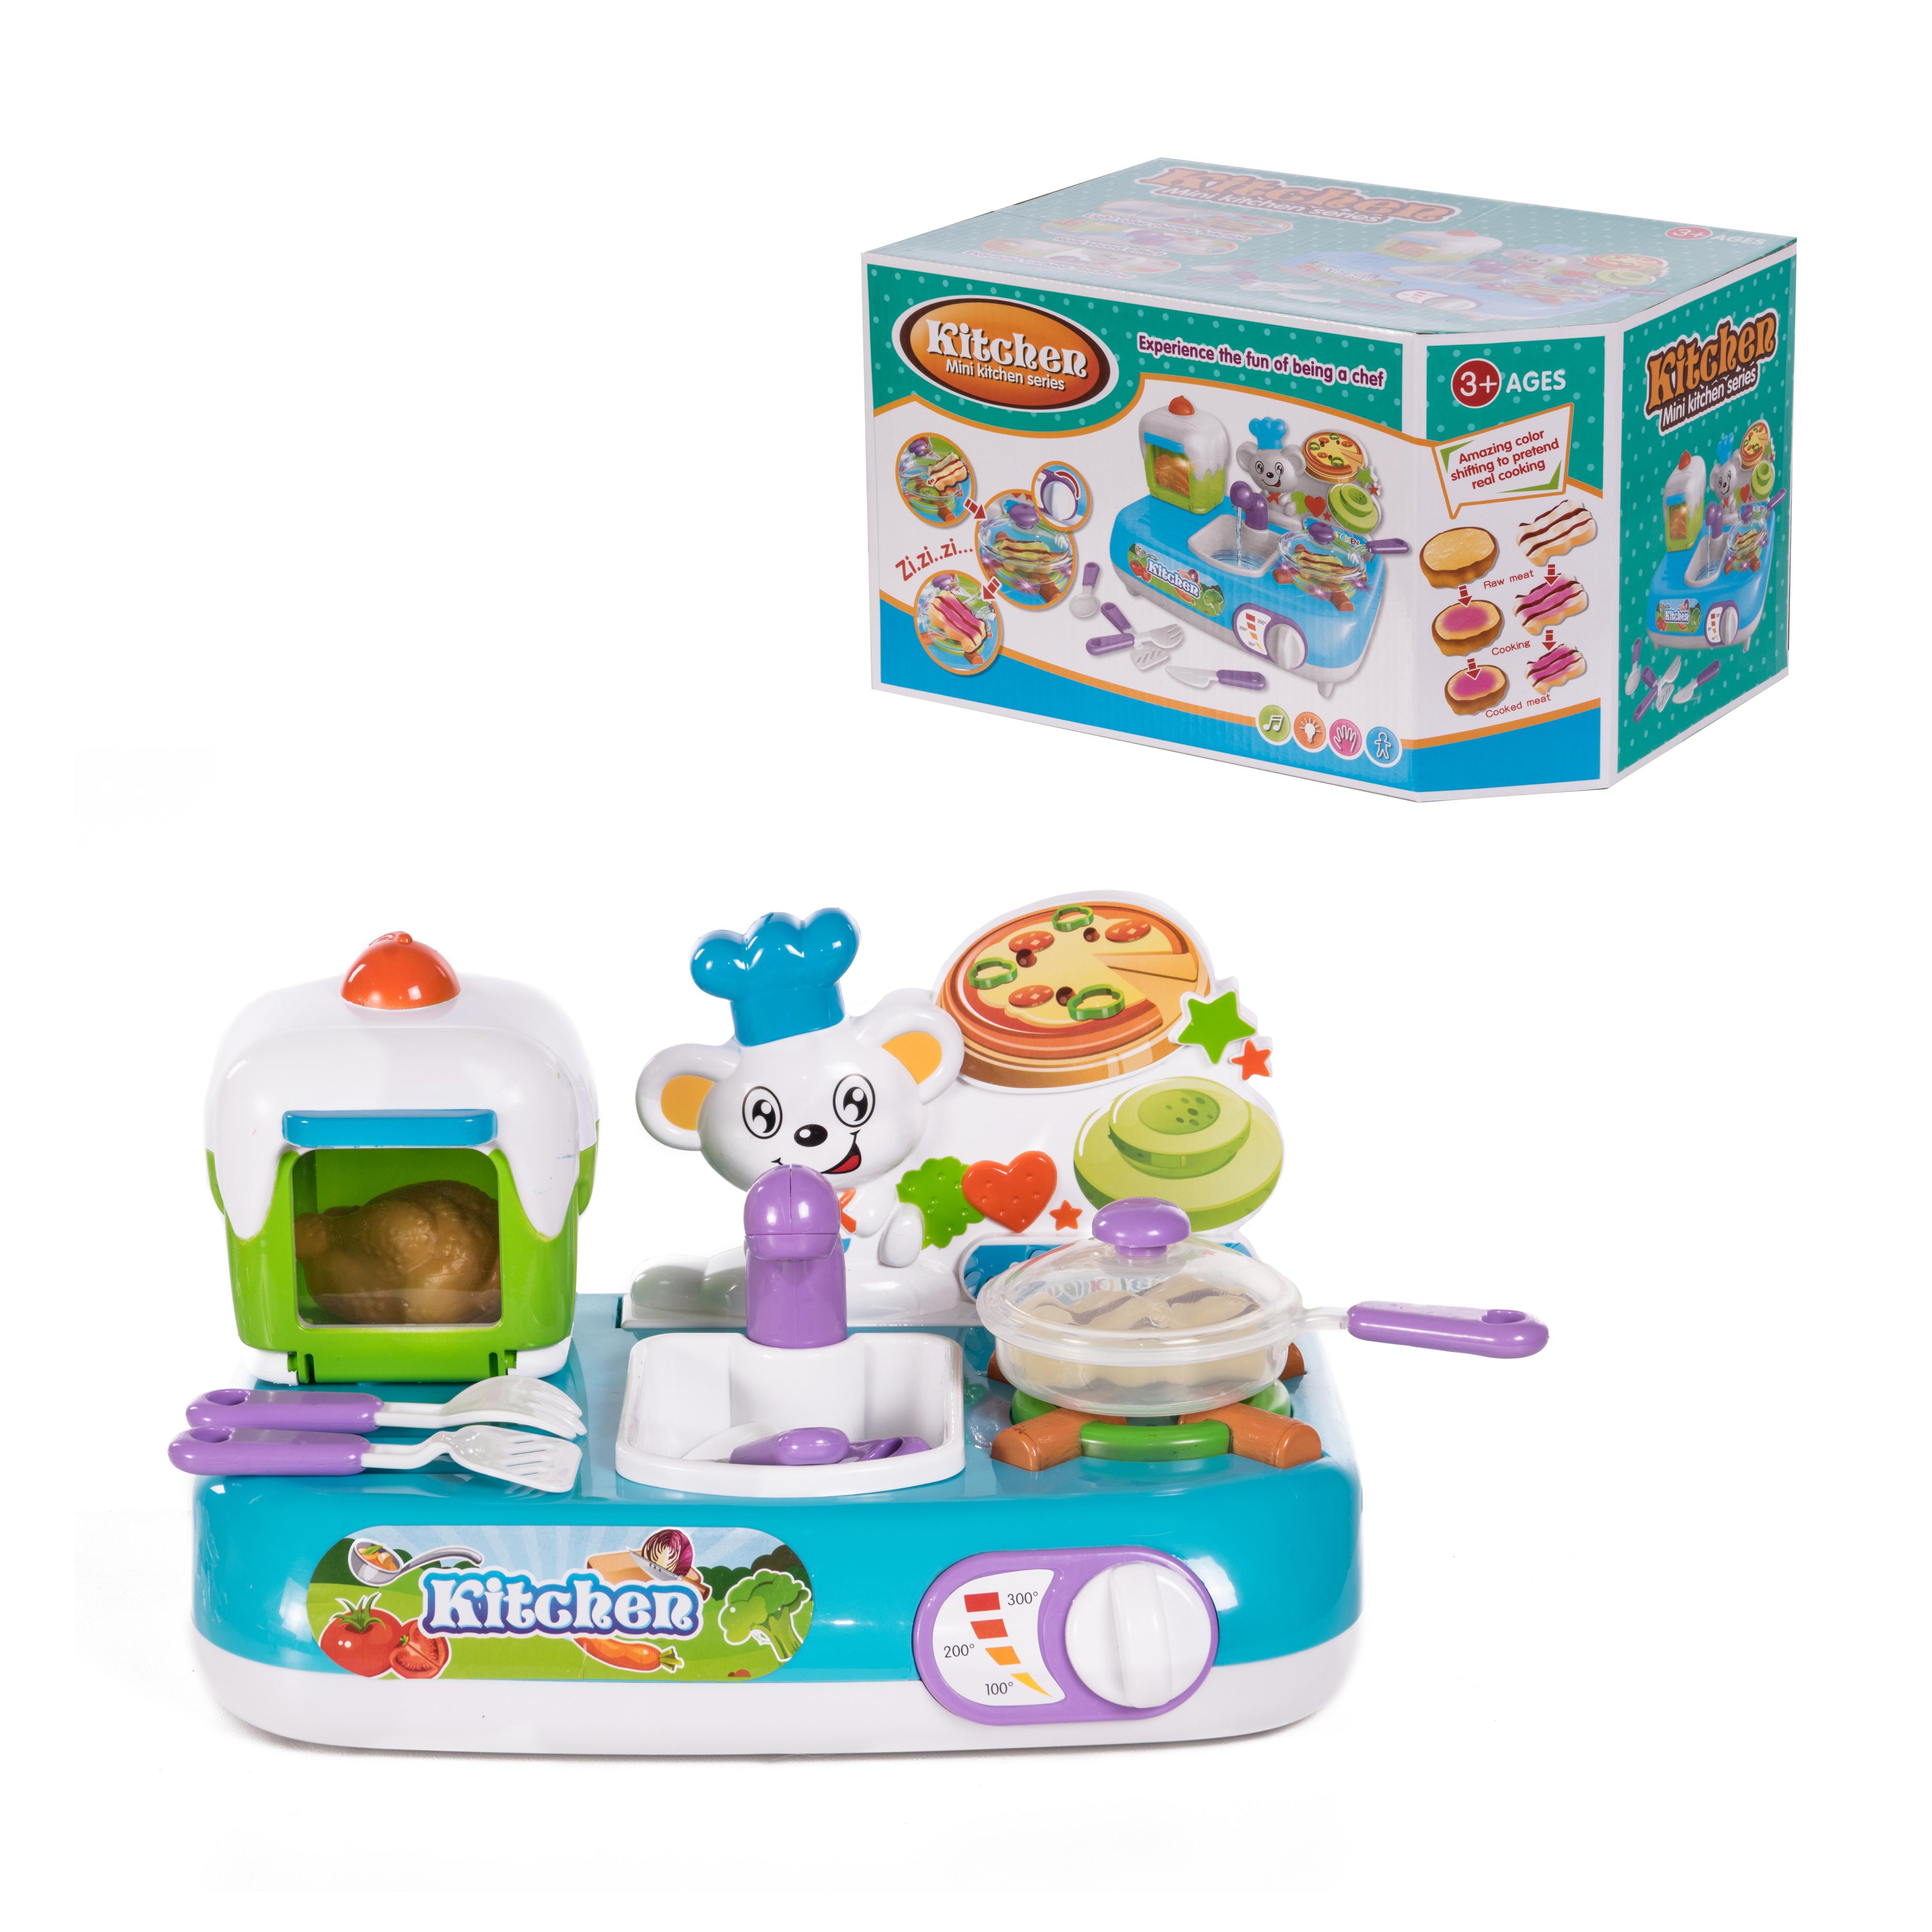 Kitchen Детский игровой набор Кухня ABC-397654 детский игровой набор sega zoobles 55